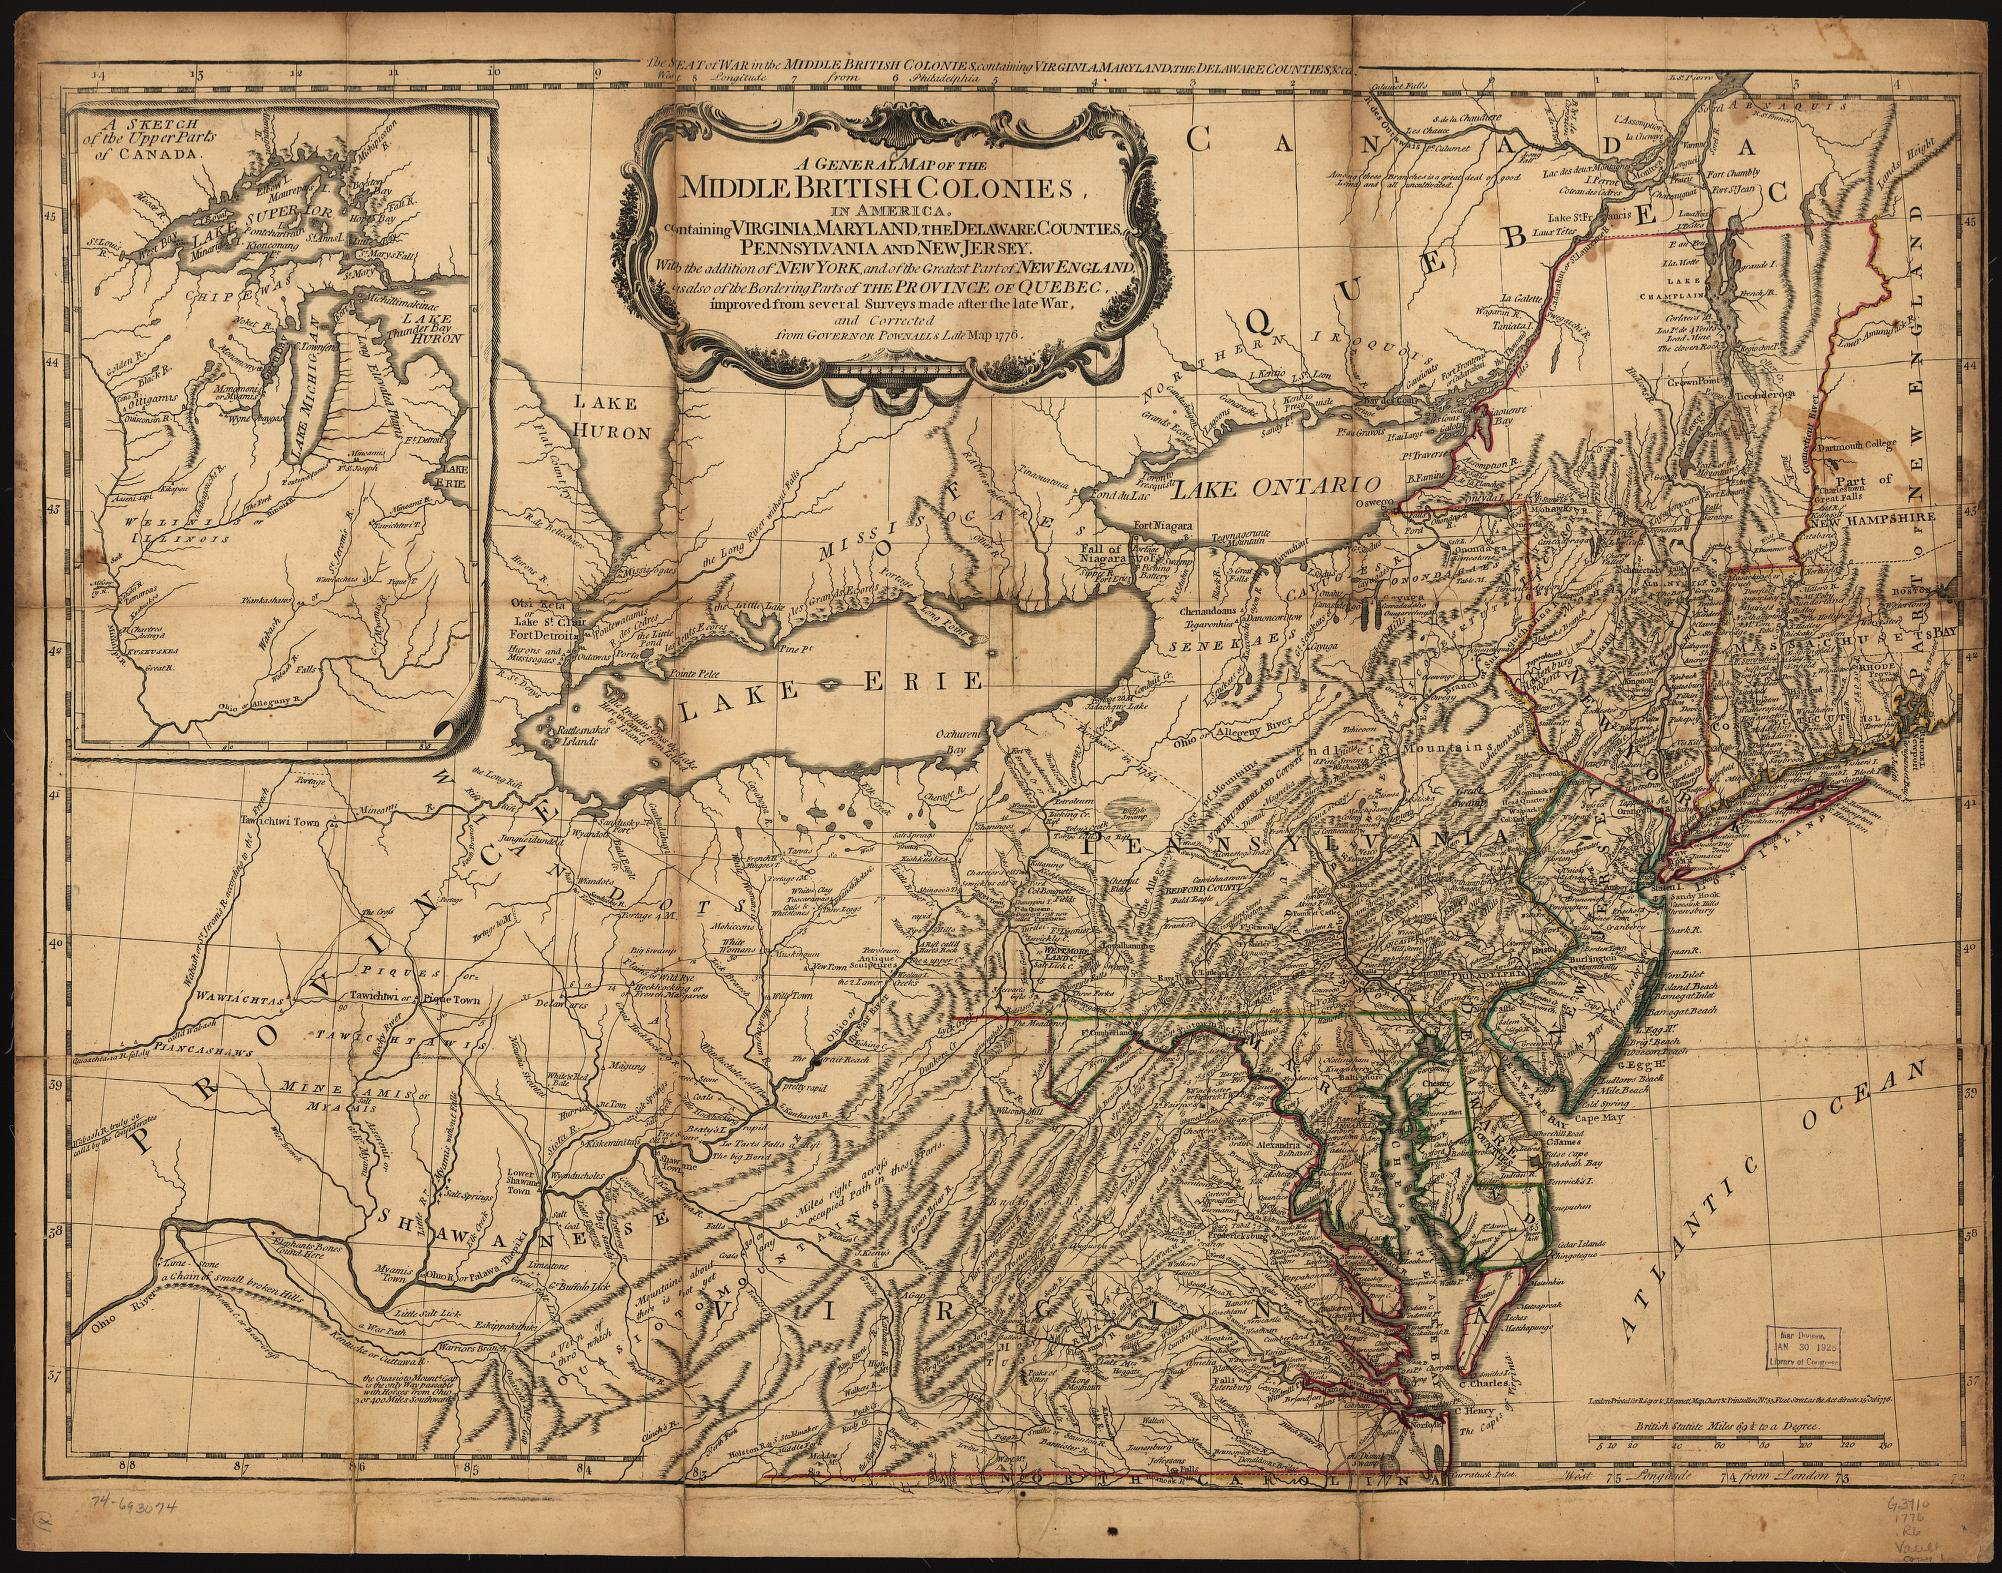 The Pennsylvania Militiaman Fighting For Virginia How